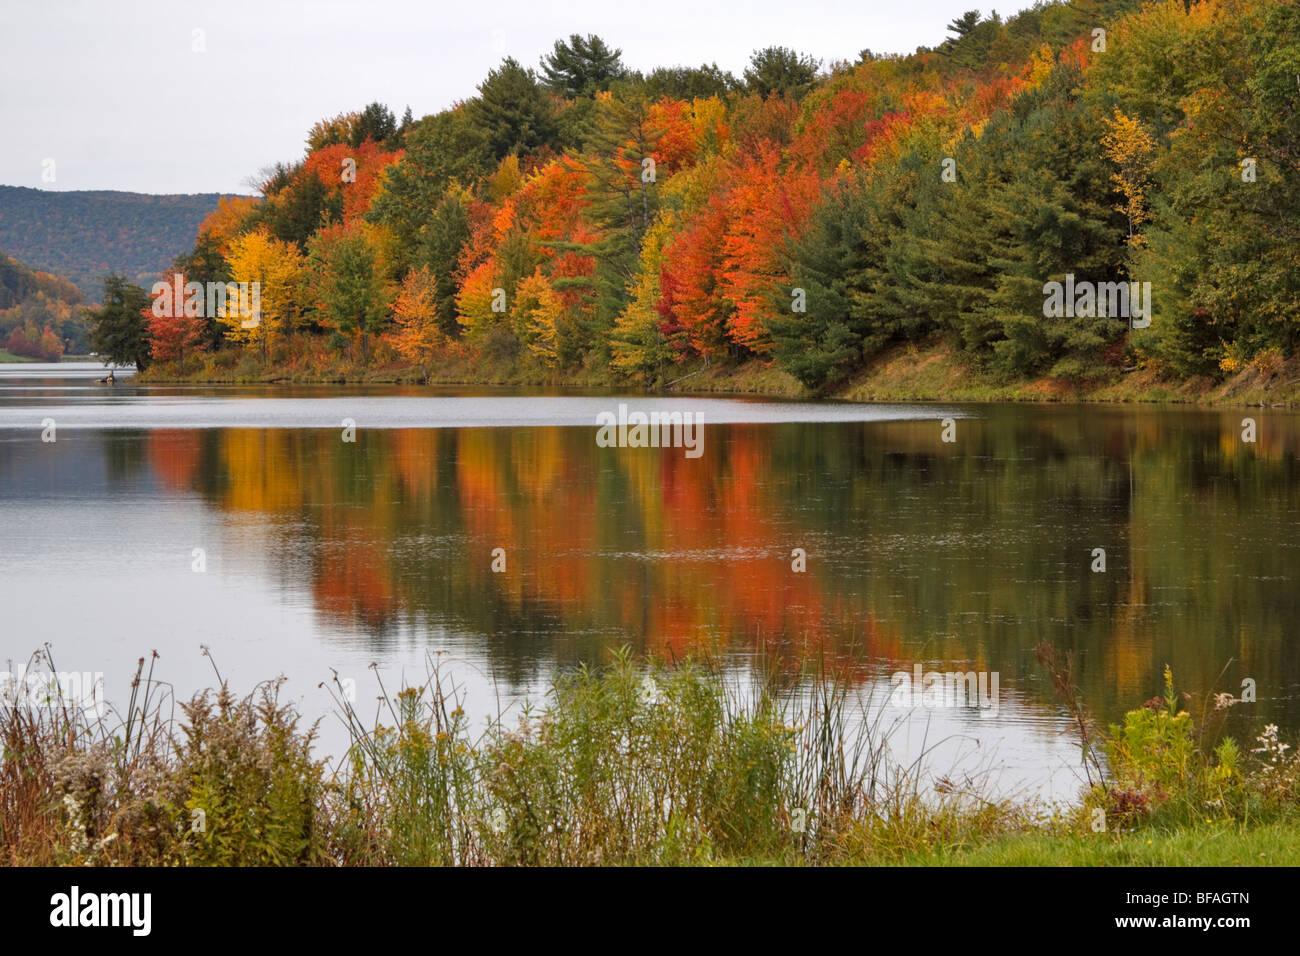 Quaker Lake, Allegany State Park, New York - Stock Image